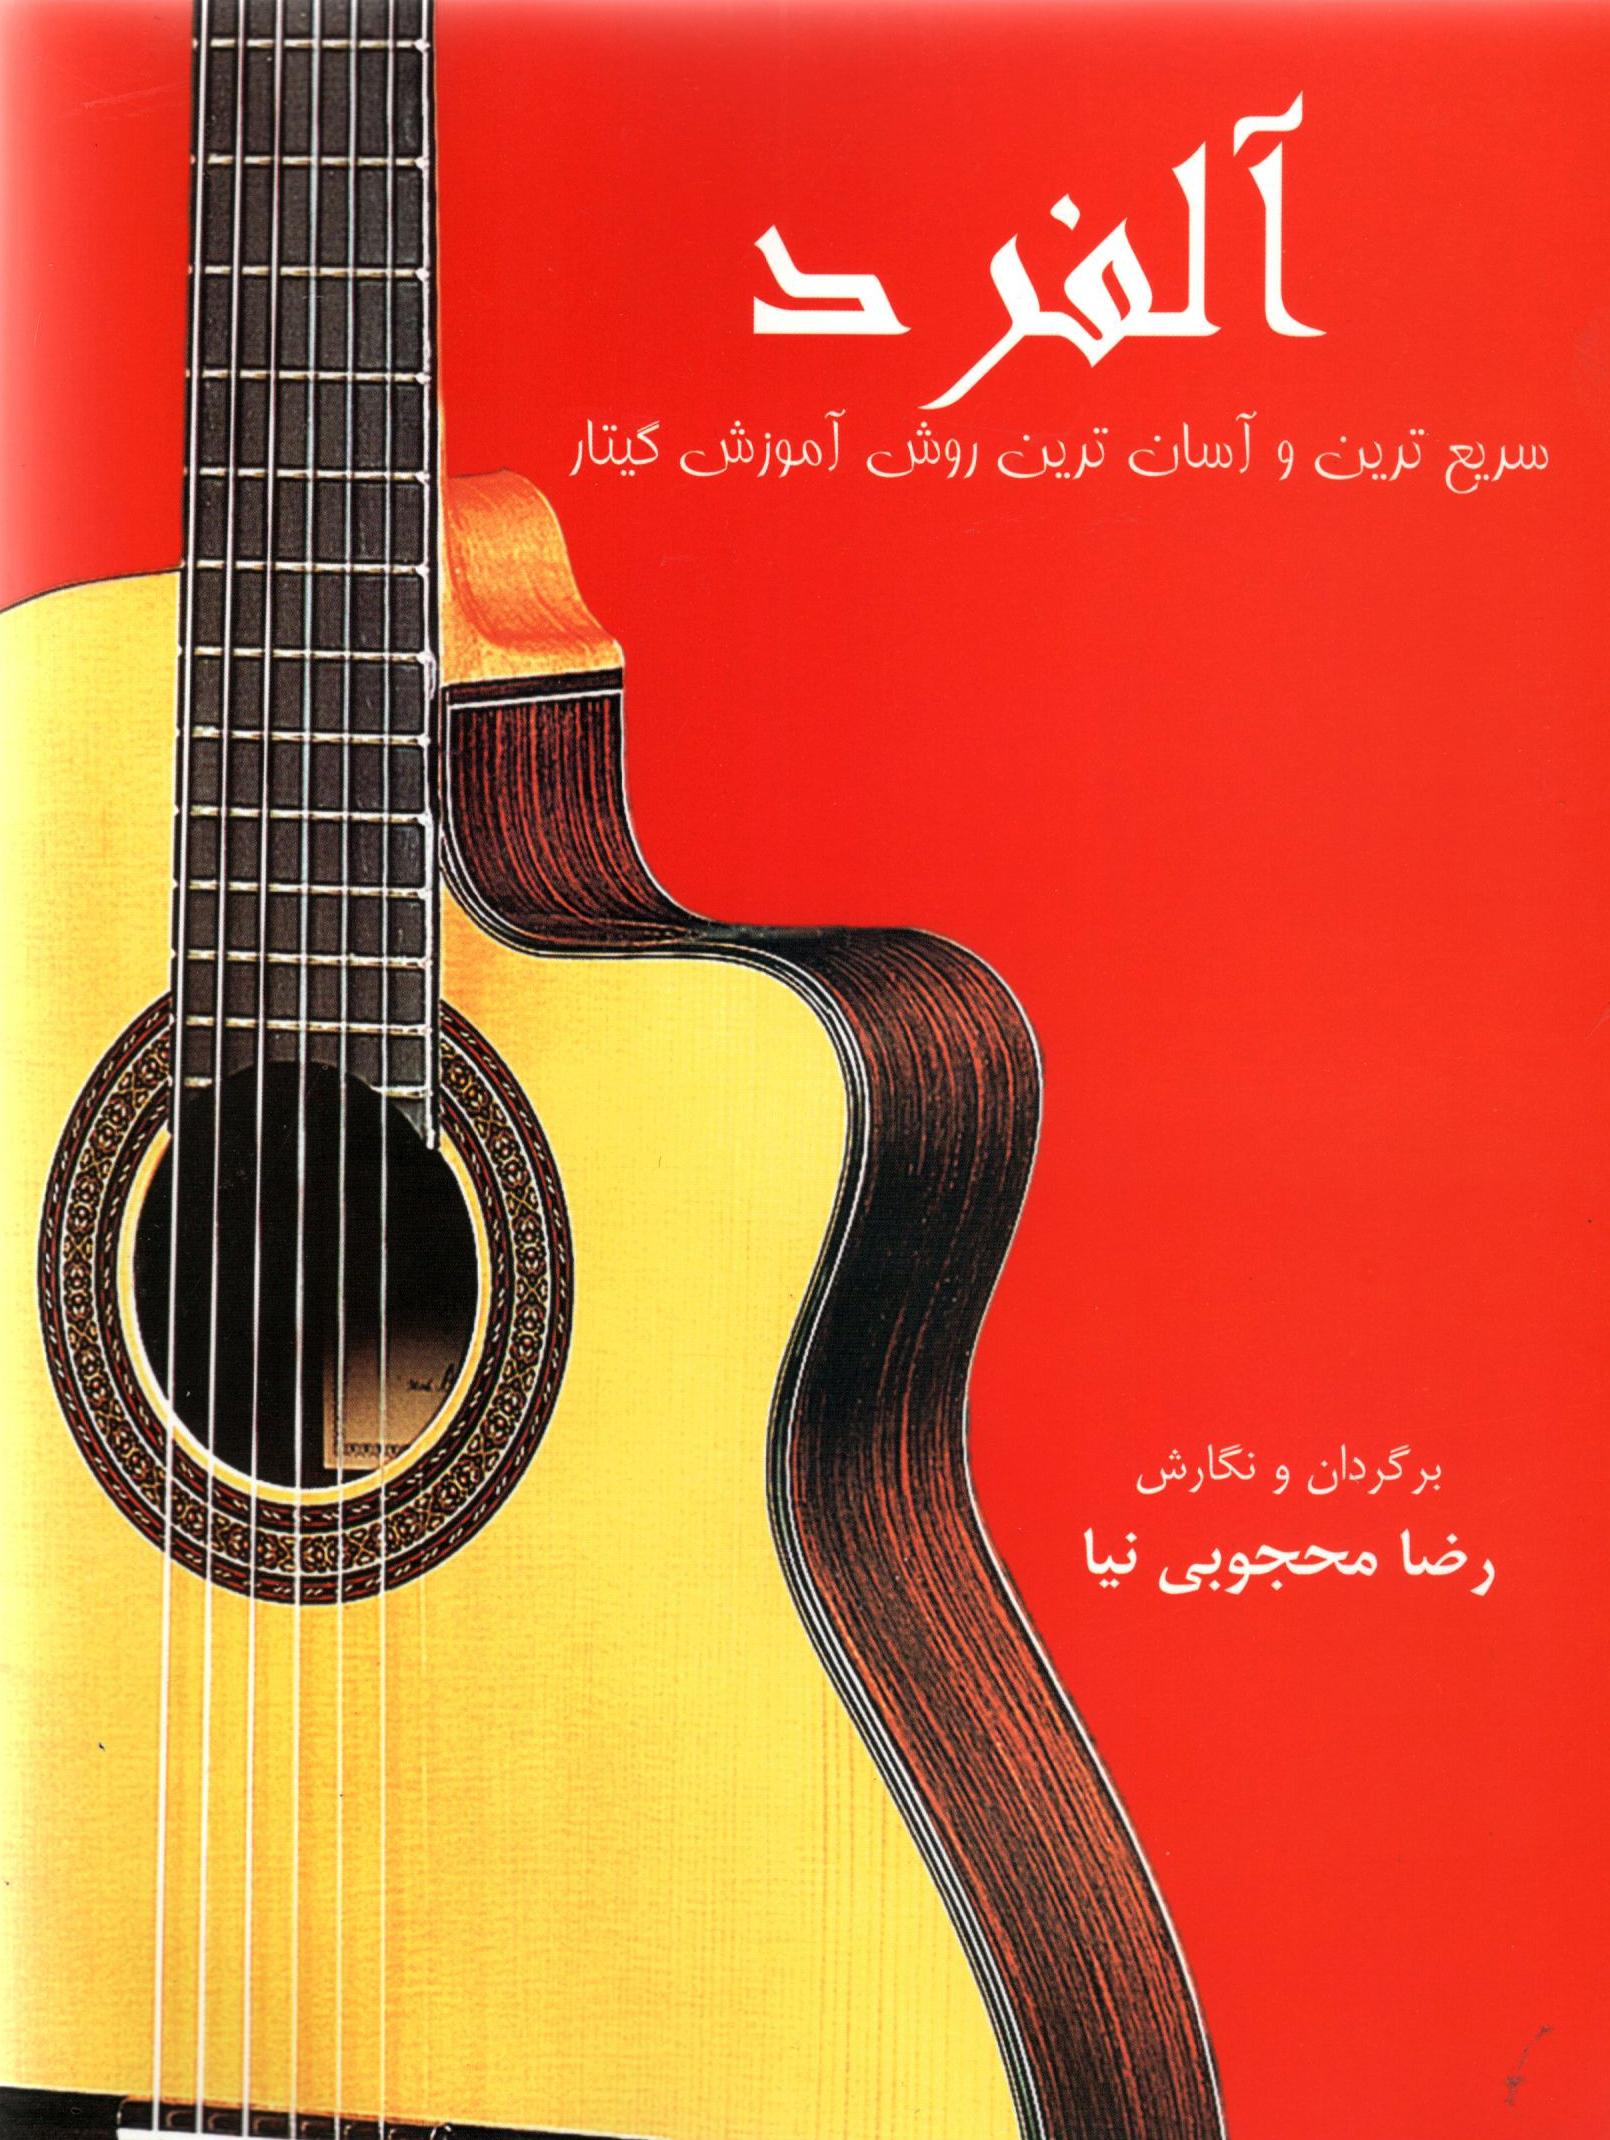 آلفرد، سریعترین و آسان ترین روش آموزش گیتار، رضا محجوبی نیا